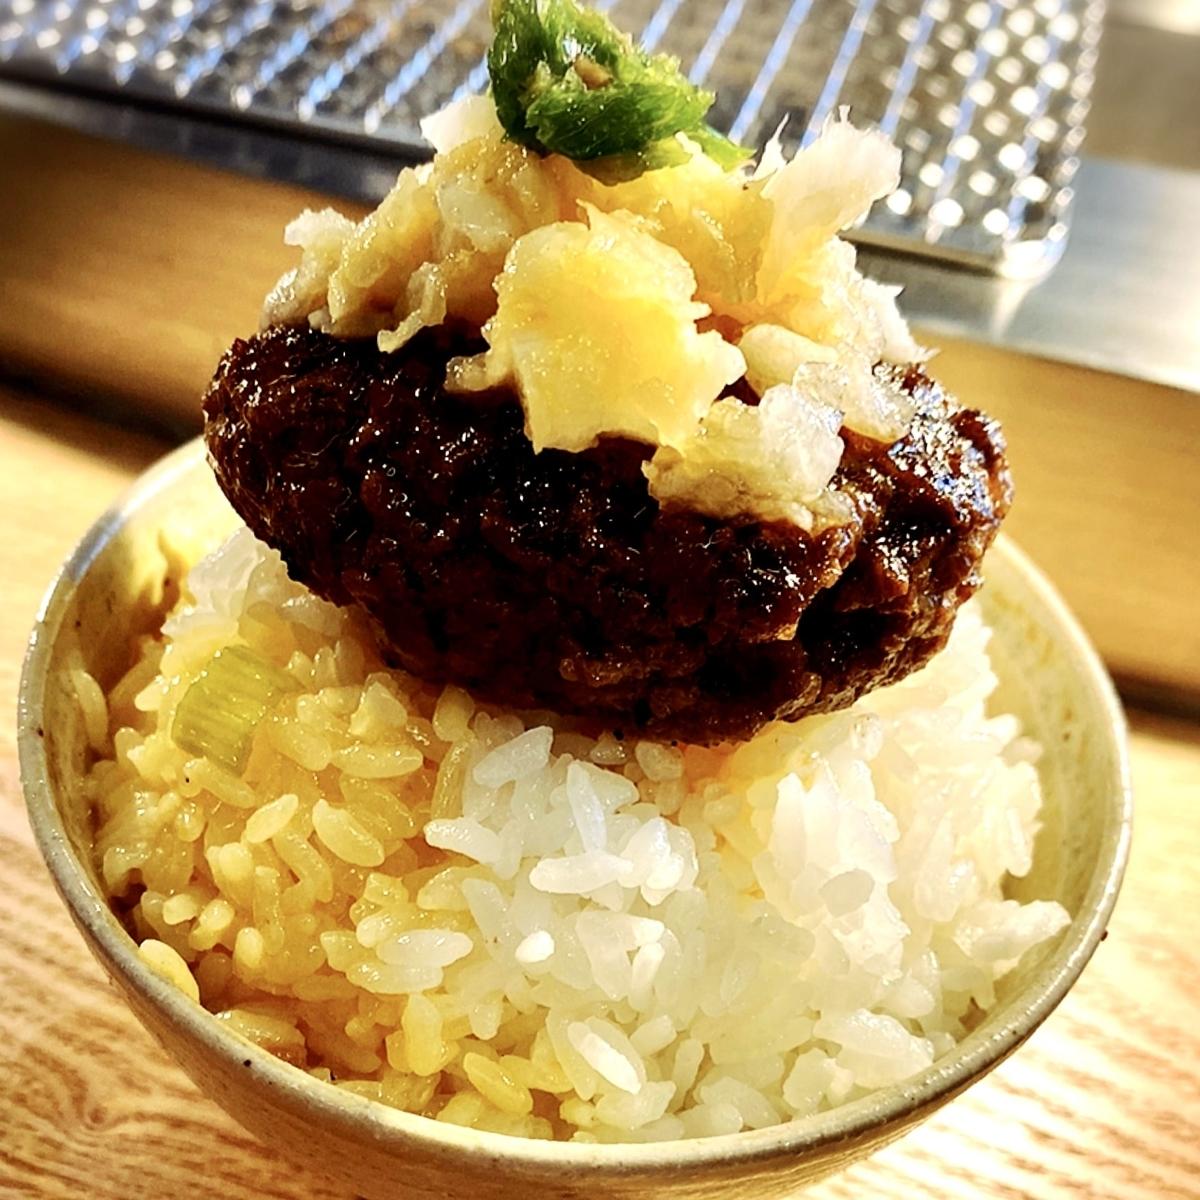 吉祥寺で常にベストな状態でハンバーグランチがいただける「挽肉と米(ハンバーグ)」※難易度高め、ひとりやデート、1000~2000円